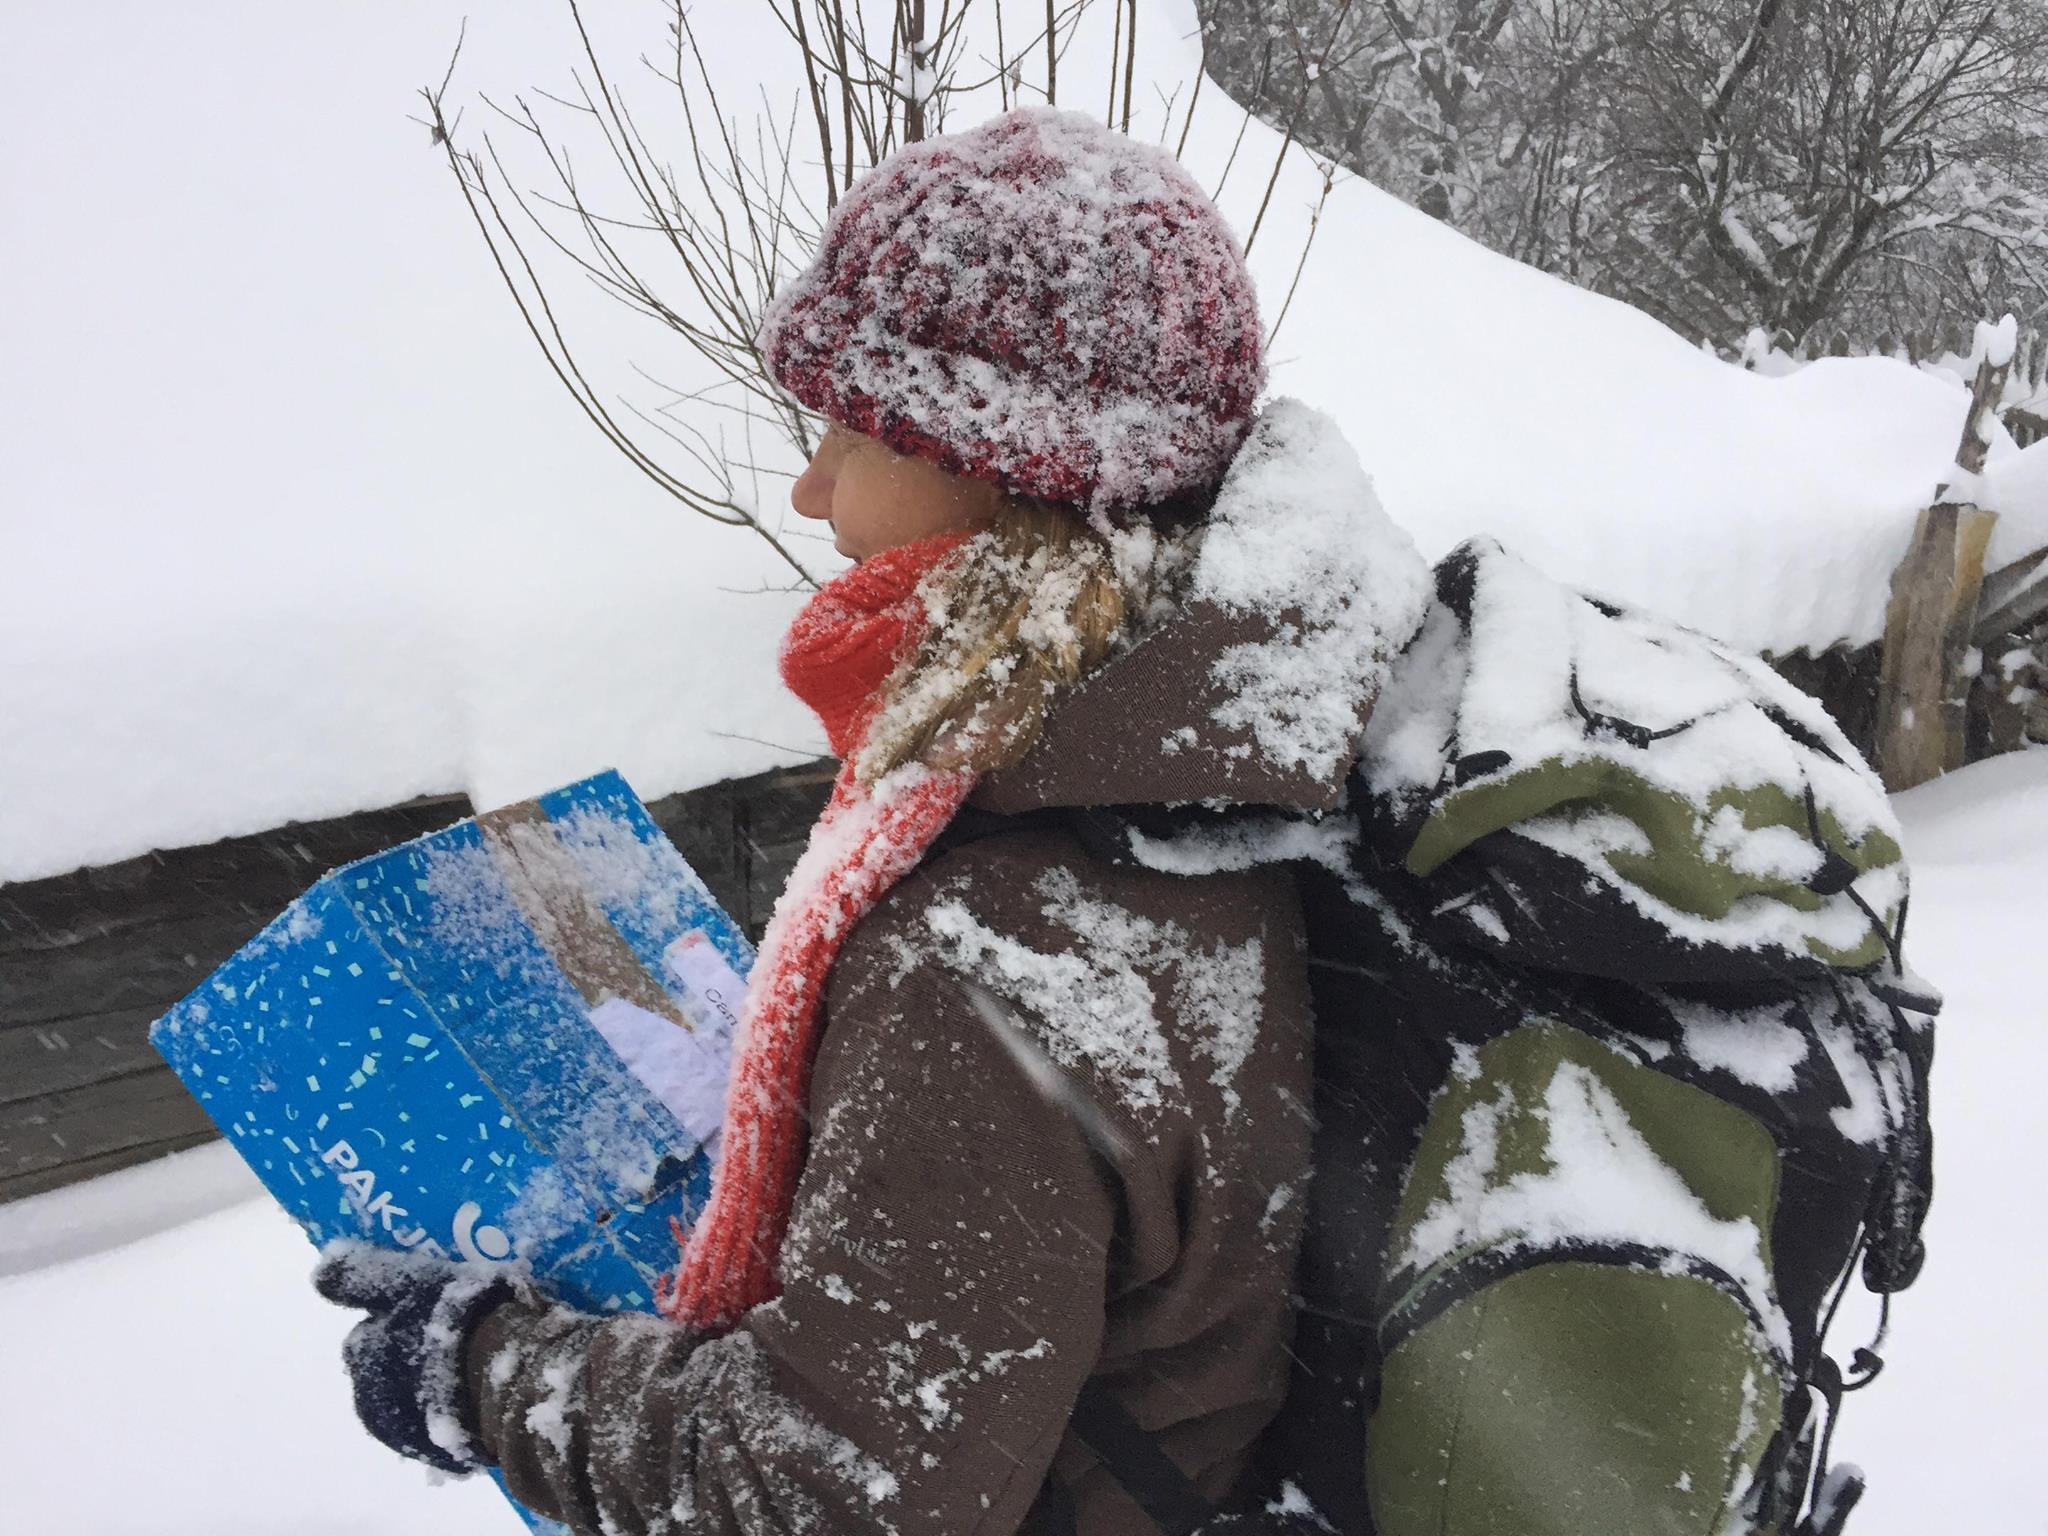 """IZOLAȚI ÎN ROMÂNIA (Emoționantele și pilduitoarele reportaje de Crăciun 2016-2019 ale echipei de la TVR1) – OAMENI MINUNAȚI și SFINȚI SINGURATICI NEȘTIUȚI de lângă noi (I). <i>""""Oameni ca ei nu se vor mai naște pe acest pământ!""""</i>. PENTRU EI ÎNCĂ NE MAI ȚINE DUMNEZEU…"""